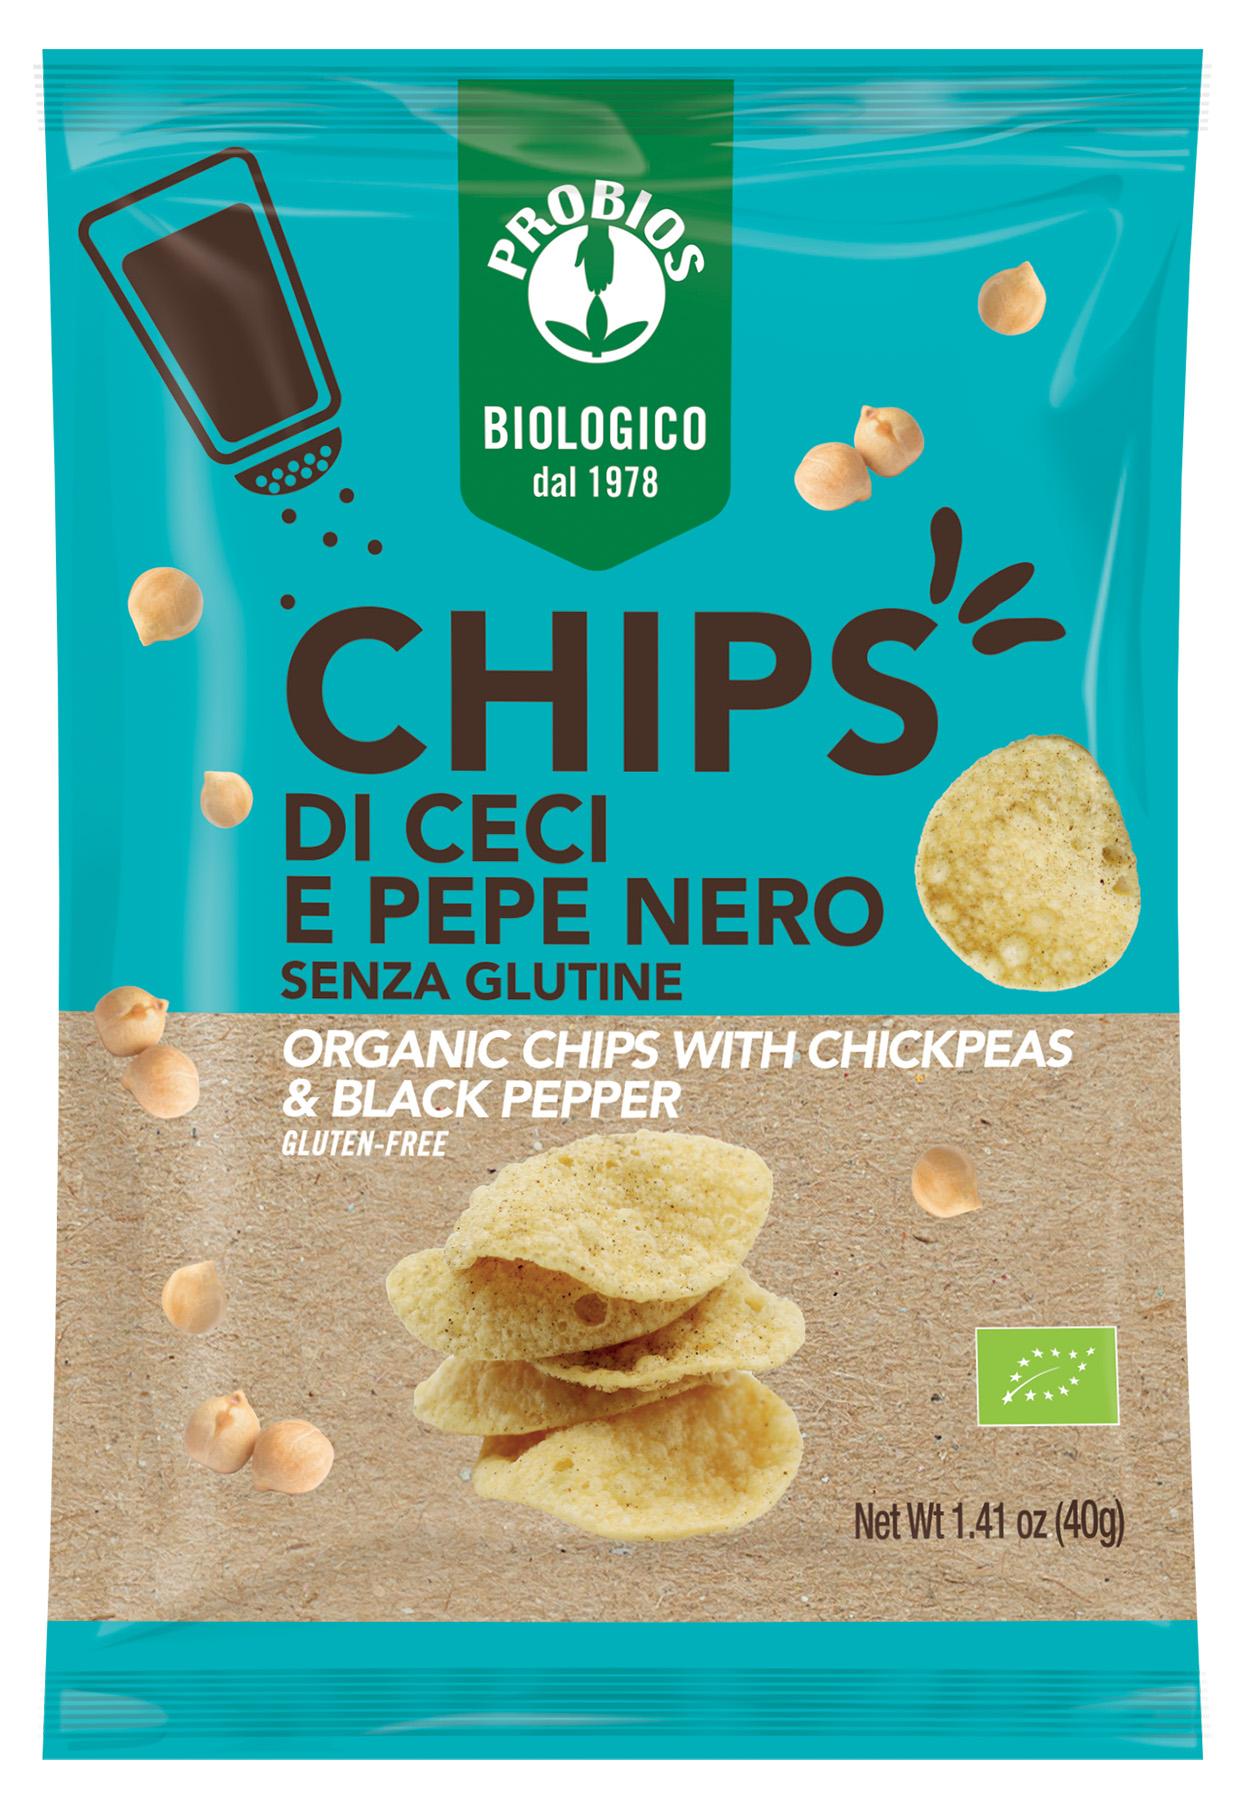 Chipsuri cu naut si piper negru (fara gluten) Probios BIO - 40 g imagine produs 2021 Probios